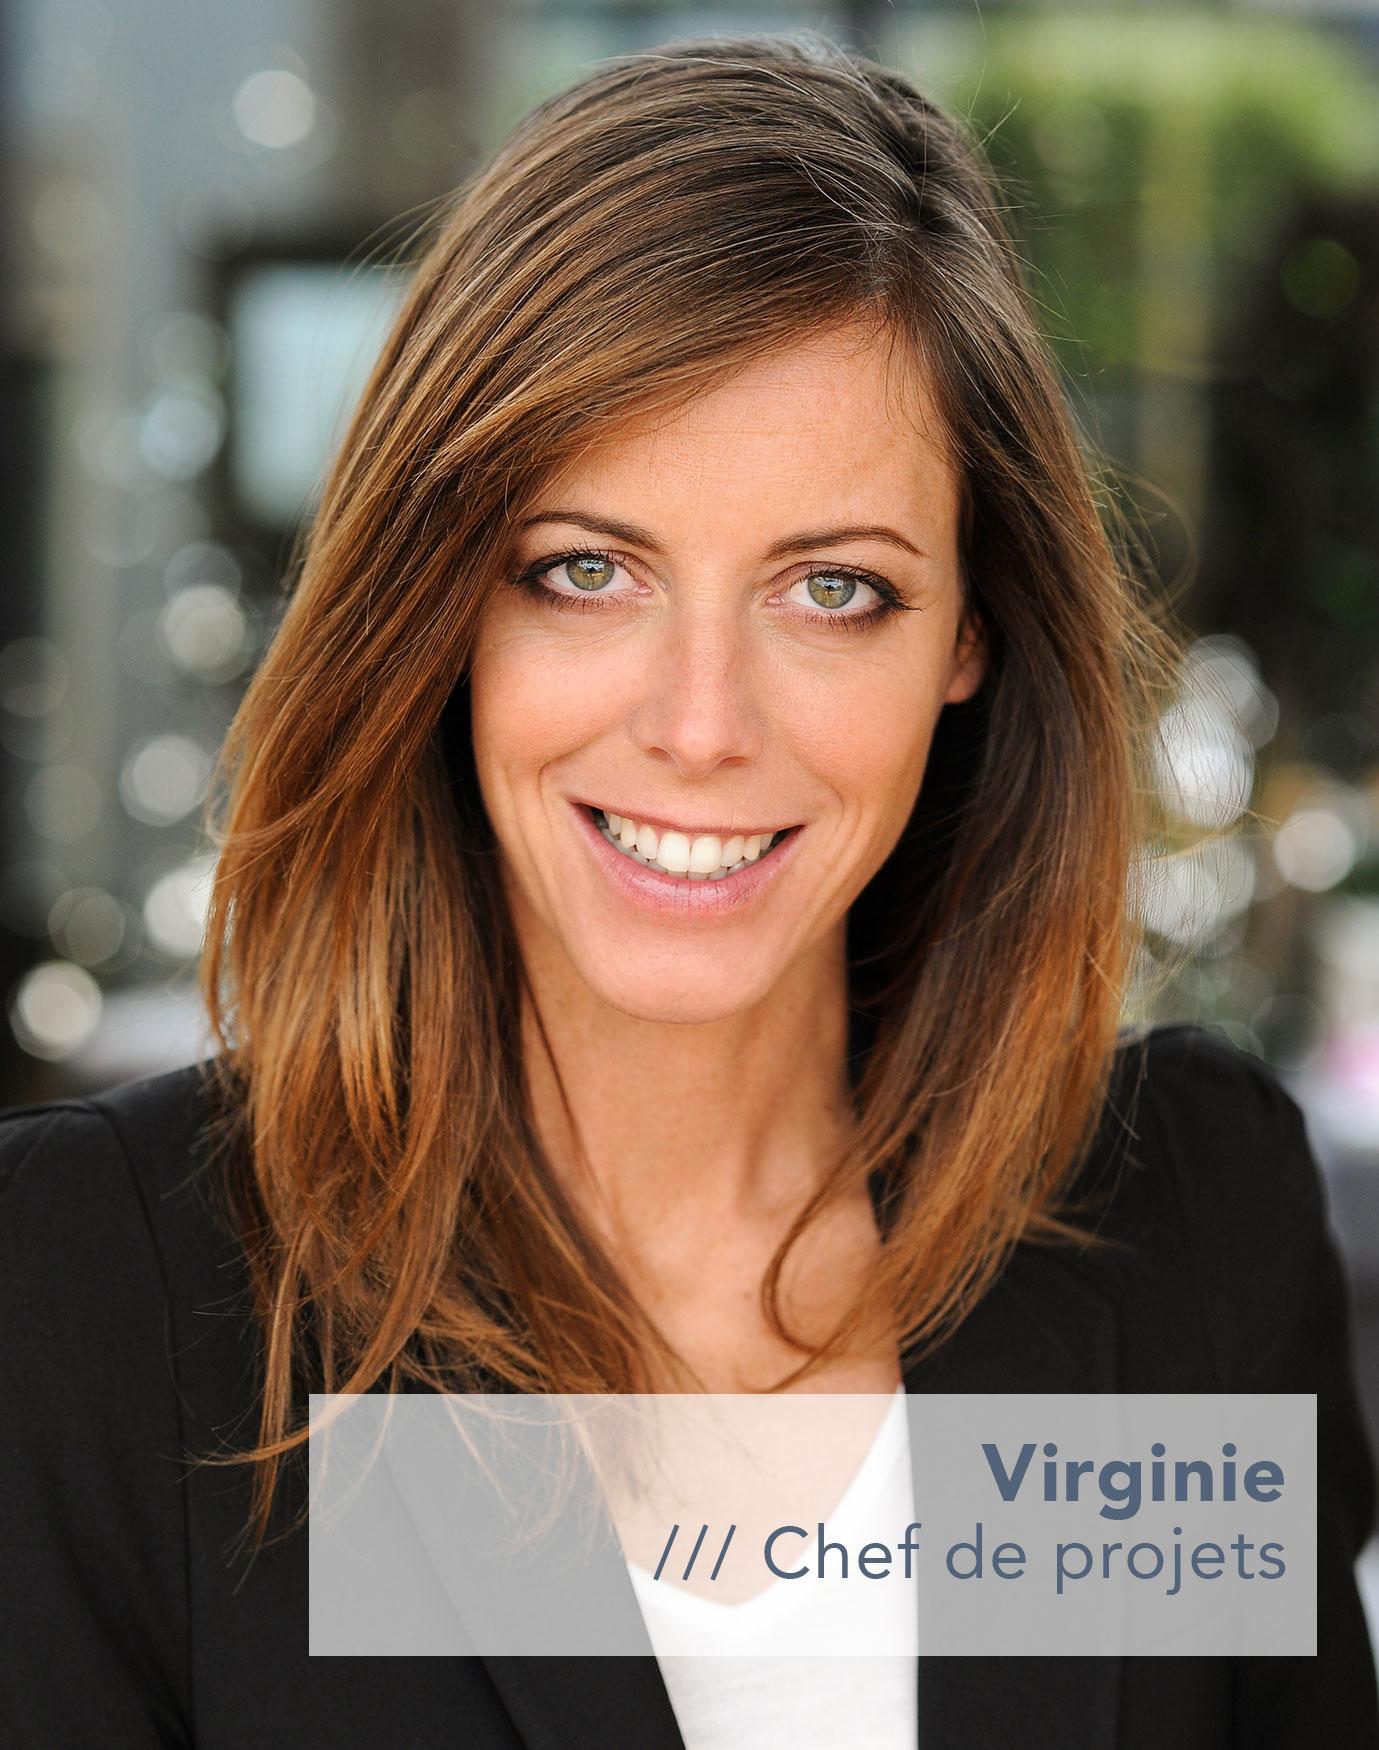 Virginie Chef de projets